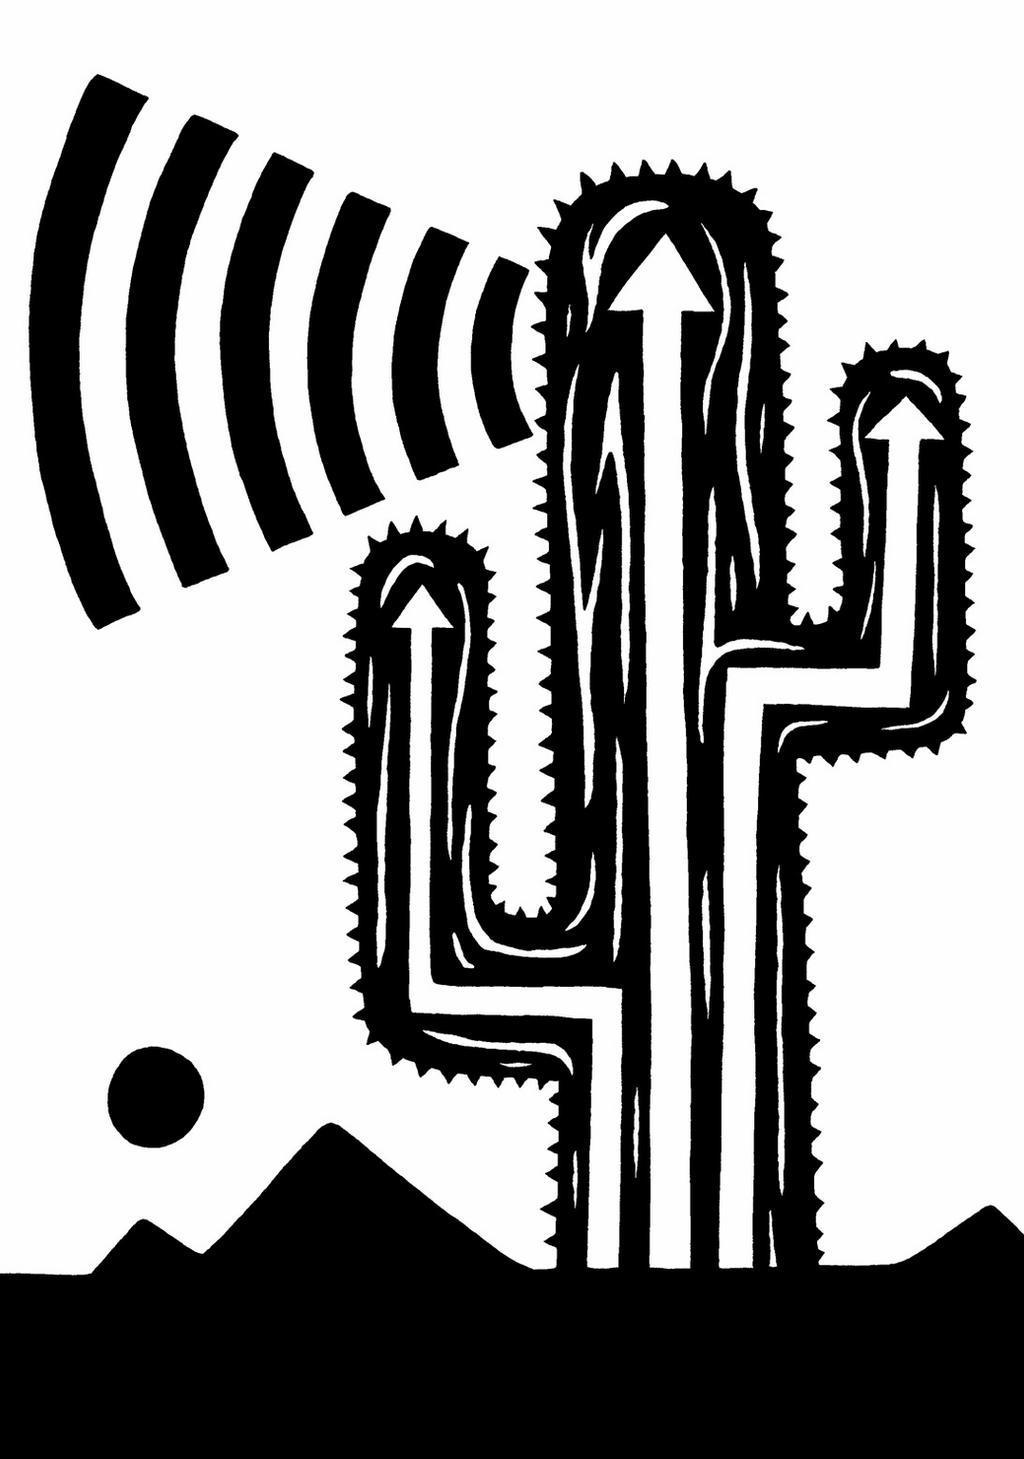 Kaktuskast(仙人掌广播)01